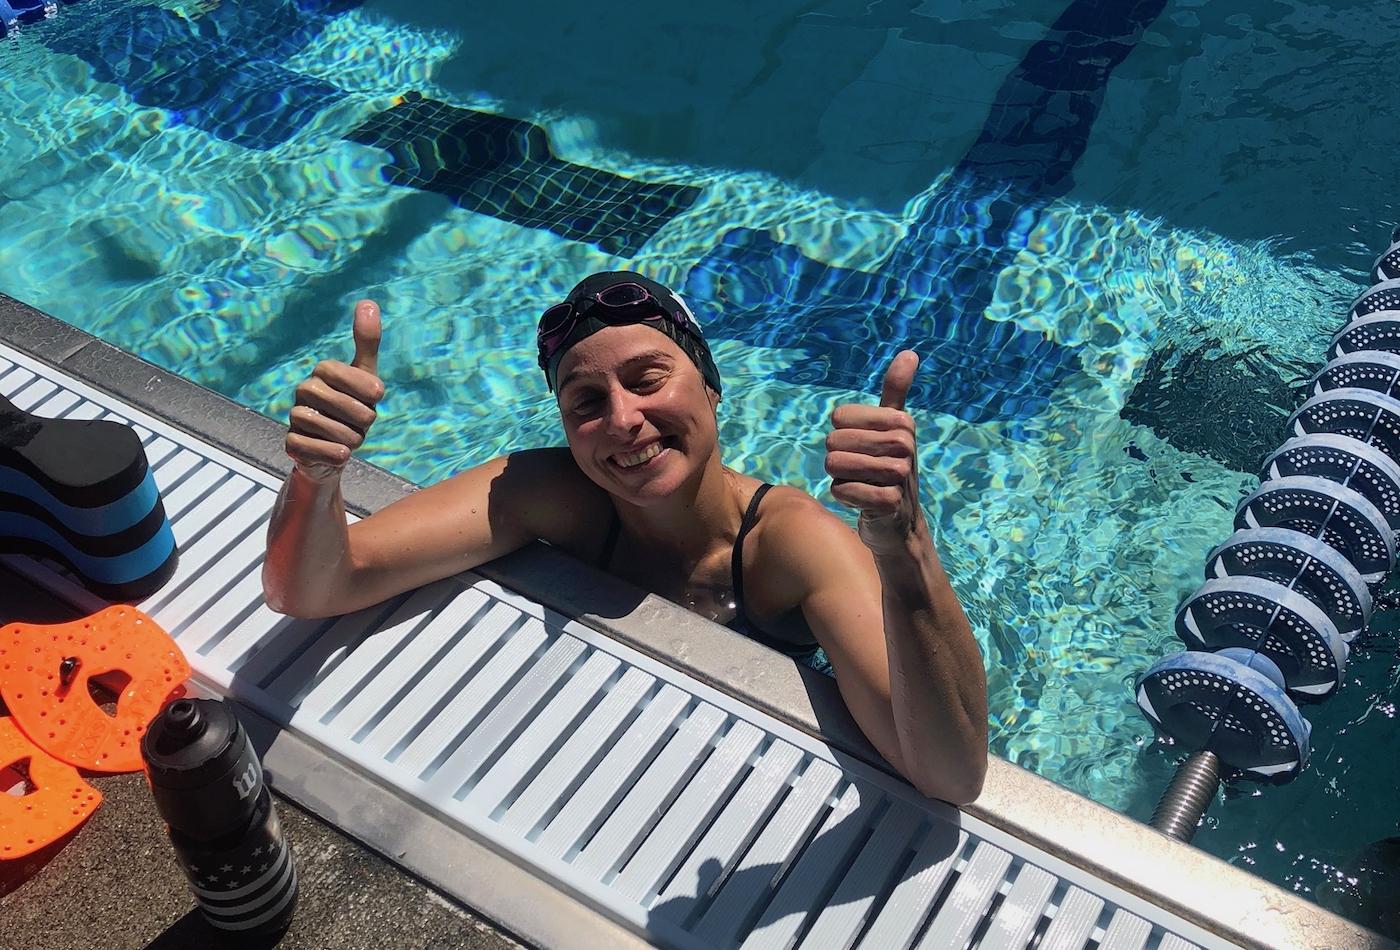 CBCG Swim Camper Nicole Van Baelen is All Thumbs Up